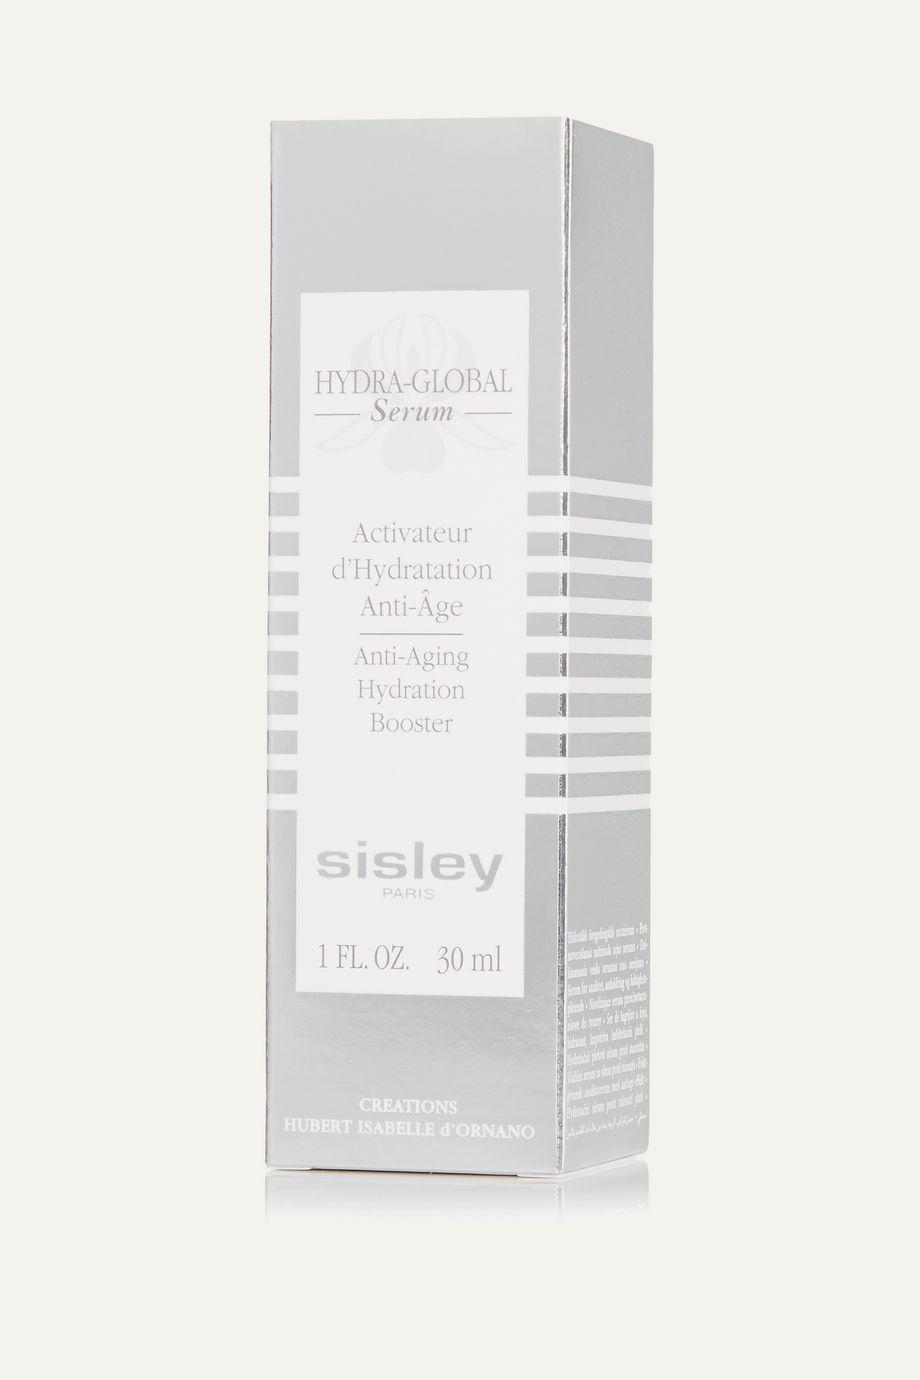 Sisley Hydra-Global Serum, 30ml